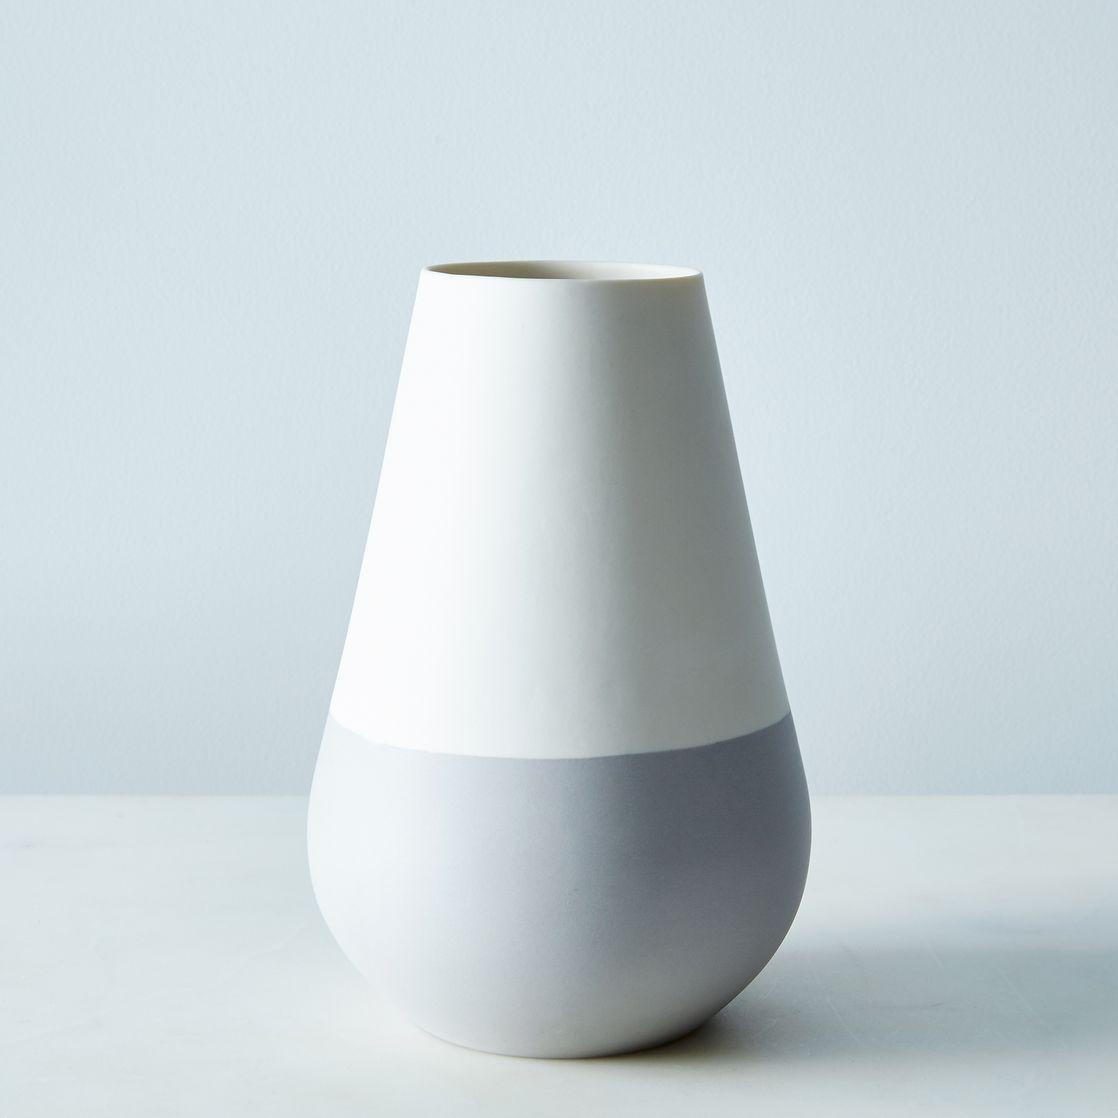 white  gray ceramic vase  vase  tabletop  hawkins new york  - rounded ceramic vase